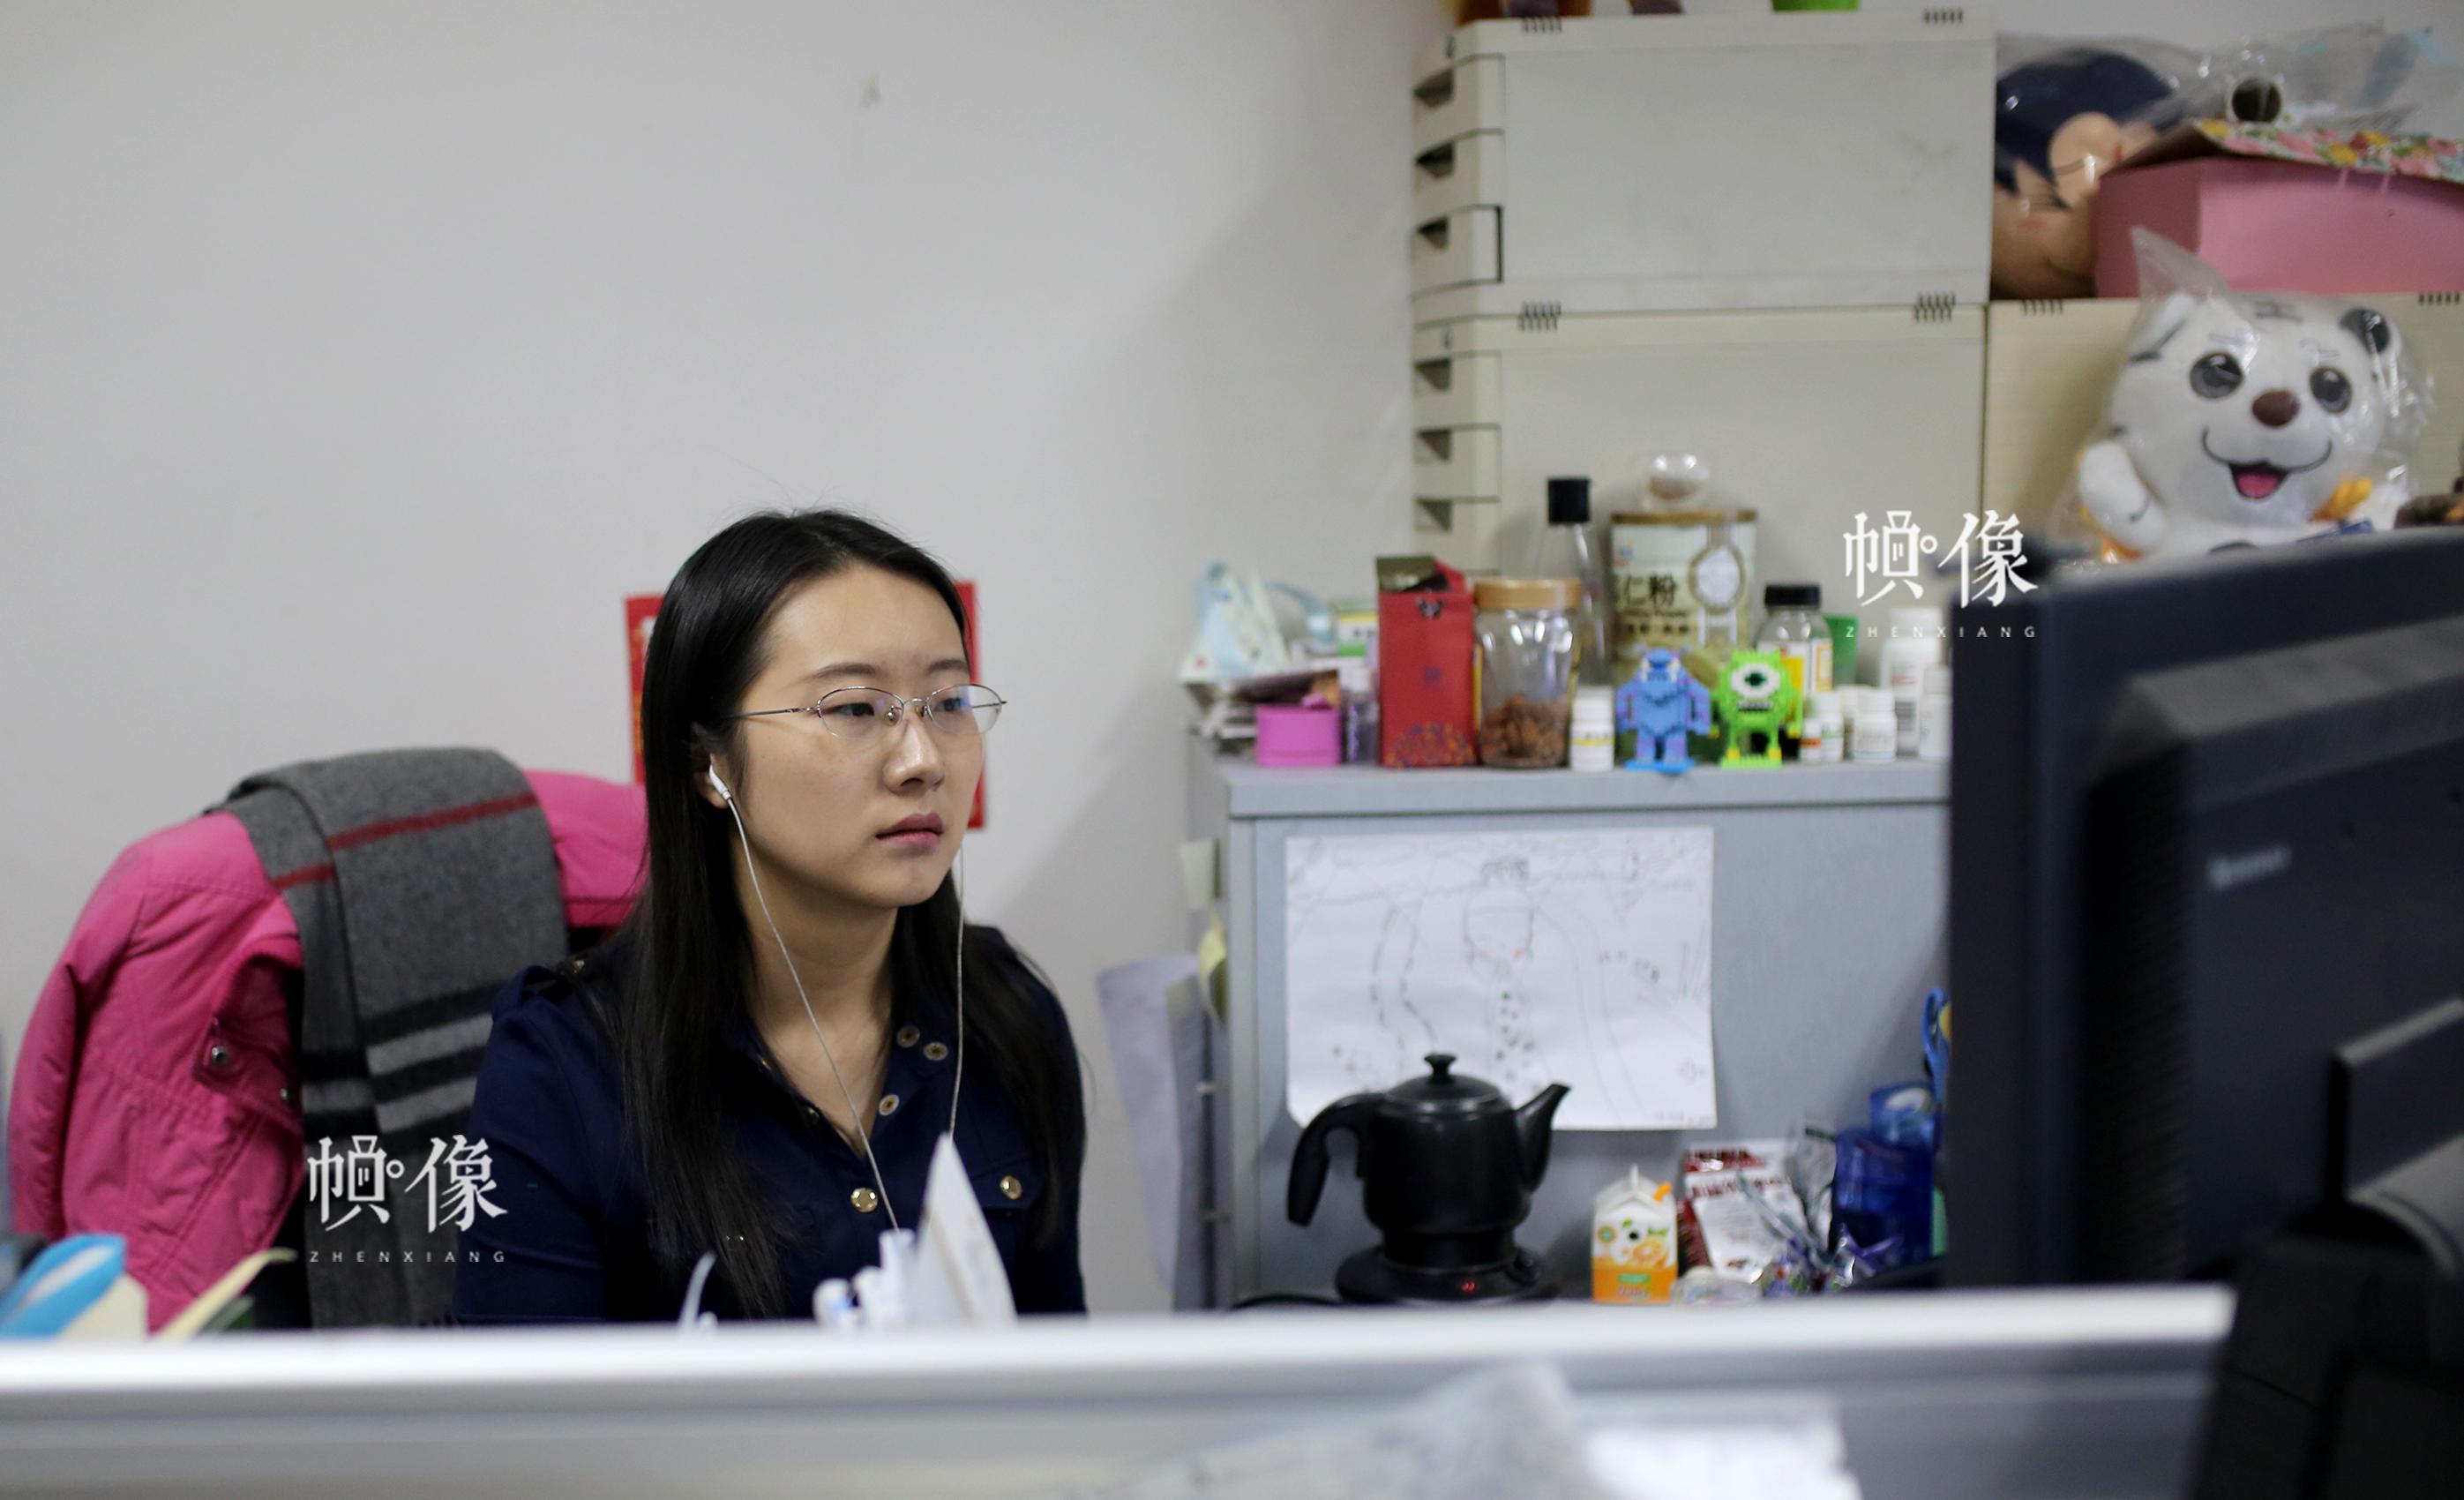 深夜,办公室只剩周立烨一人在熟悉第二天要上映的电影字幕。中国网记者 焦源源 摄